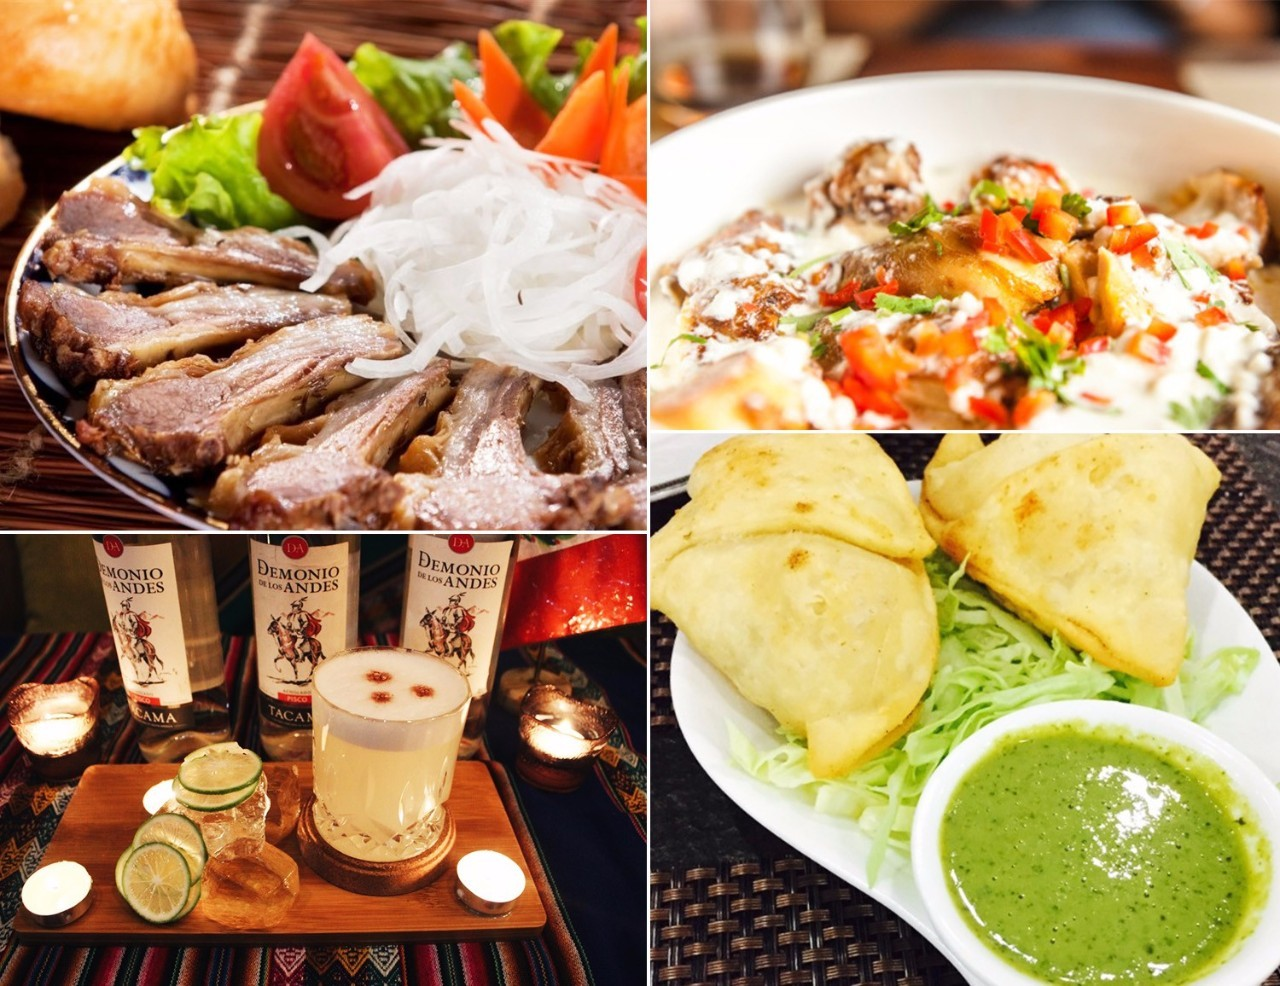 坐标北京,如何吃遍乌克兰、黎巴嫩和秘鲁美食?